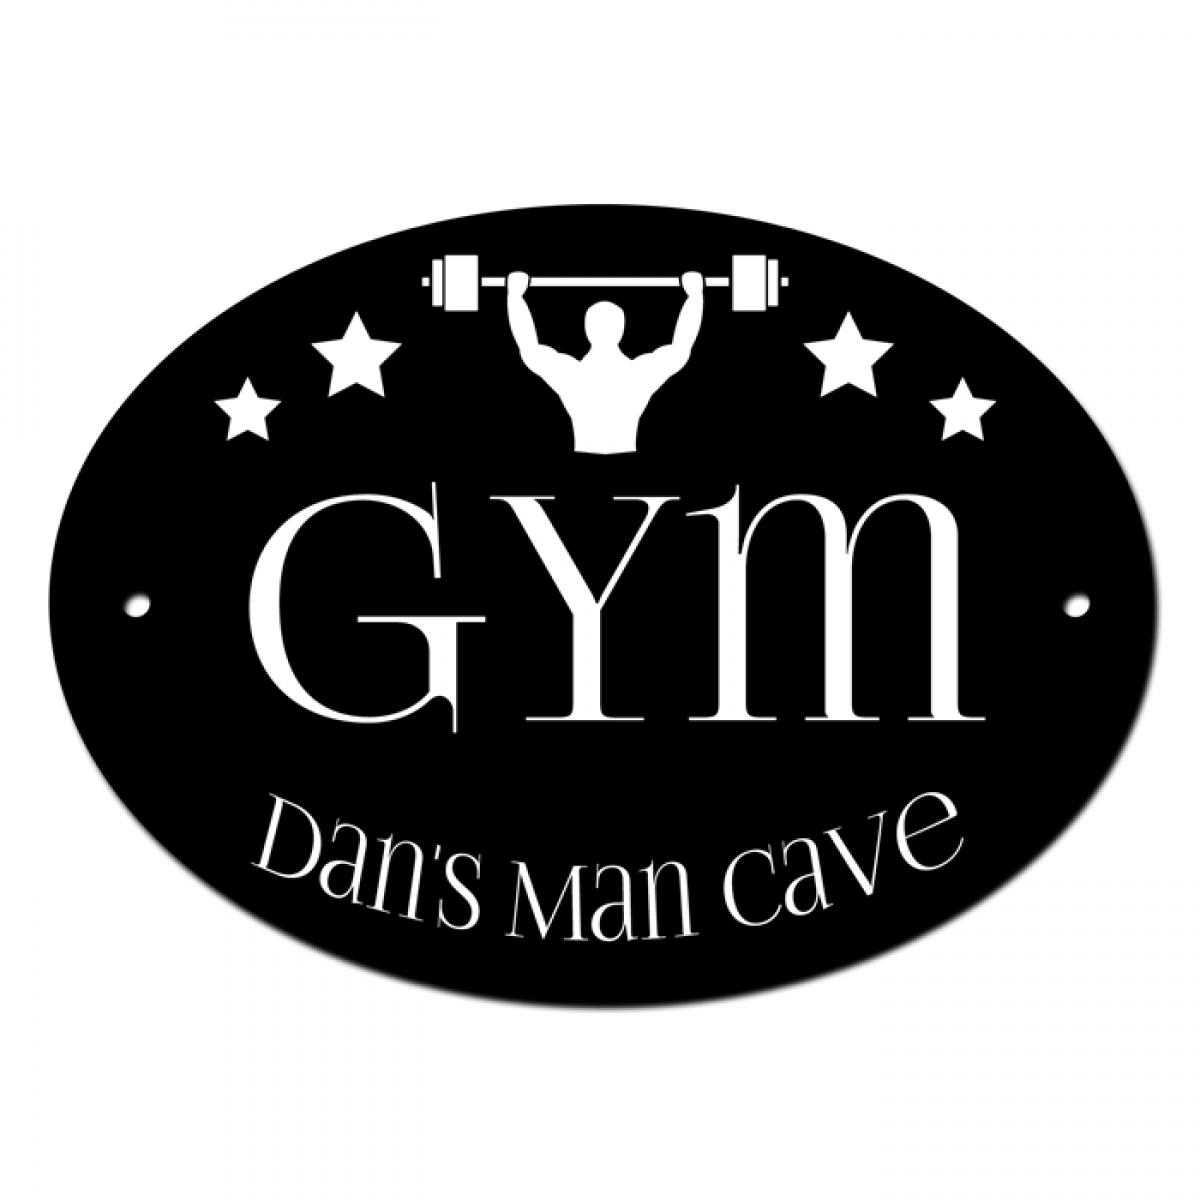 Gym man cave door room sign